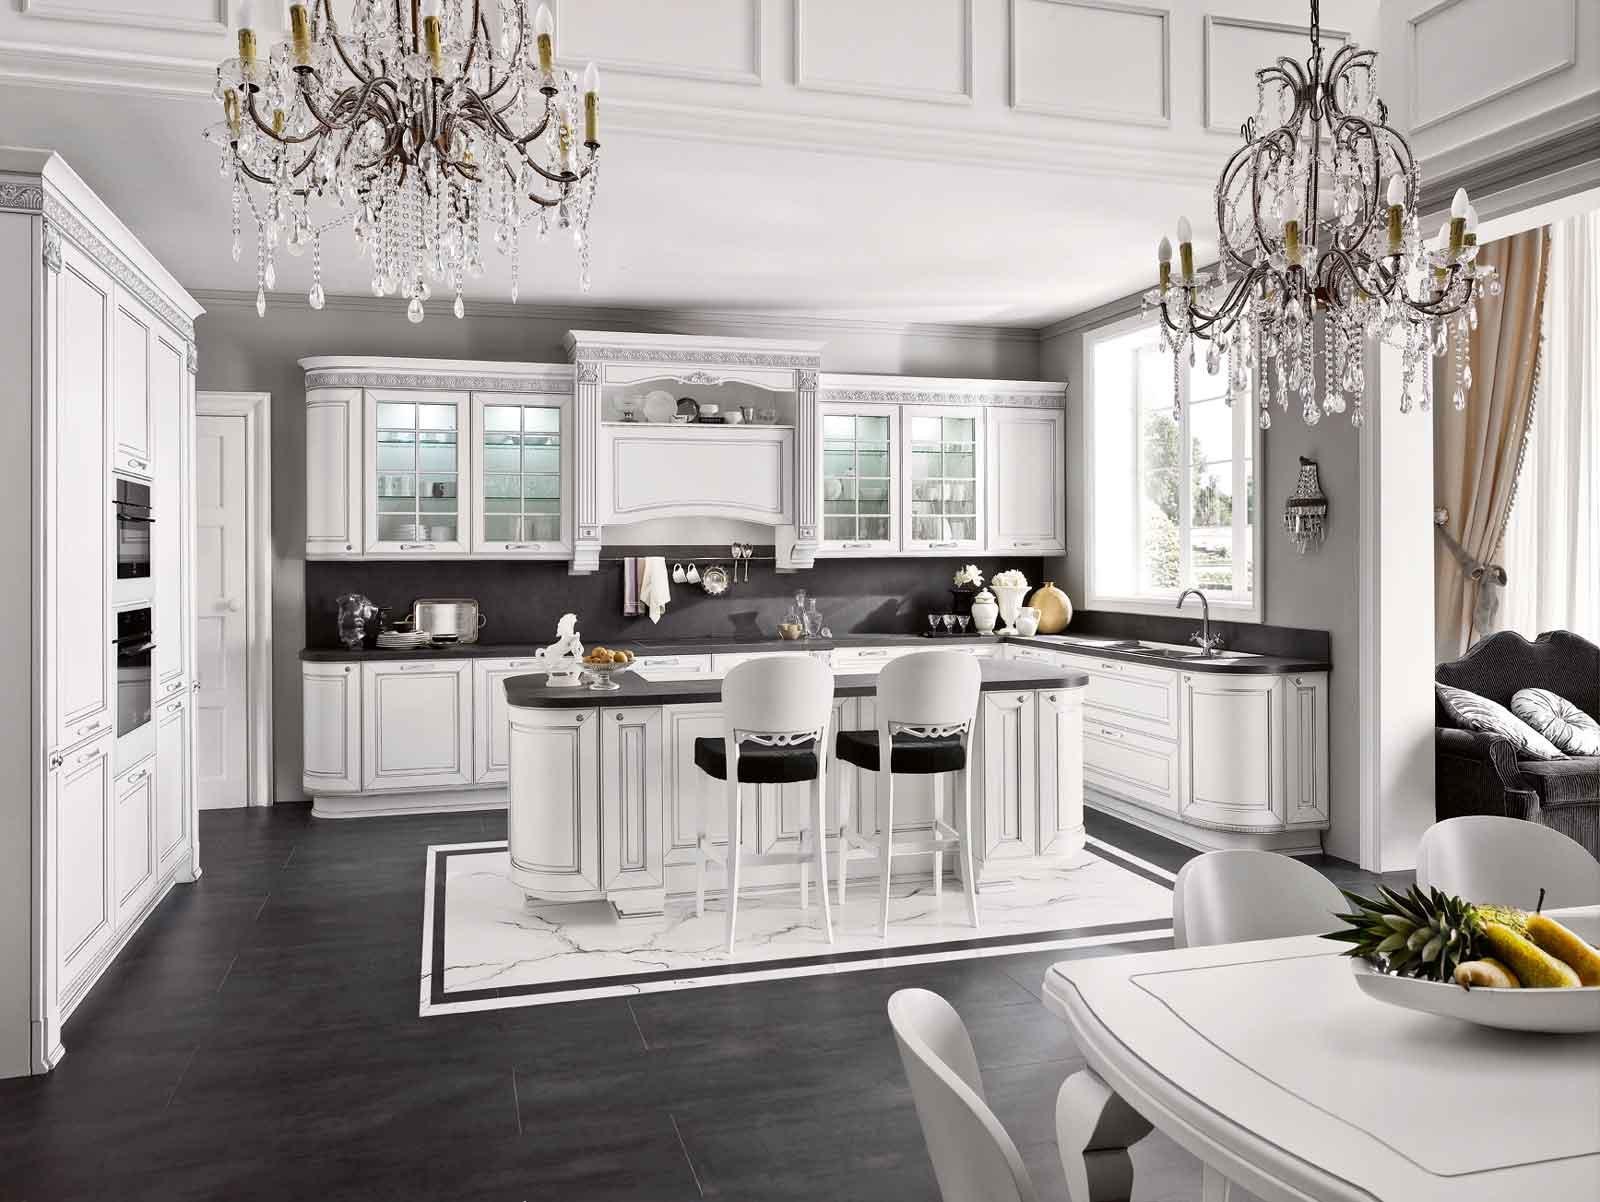 Cucina e soggiorno in un unico ambiente 3 stili cose di - Cucina scavolini classica ...